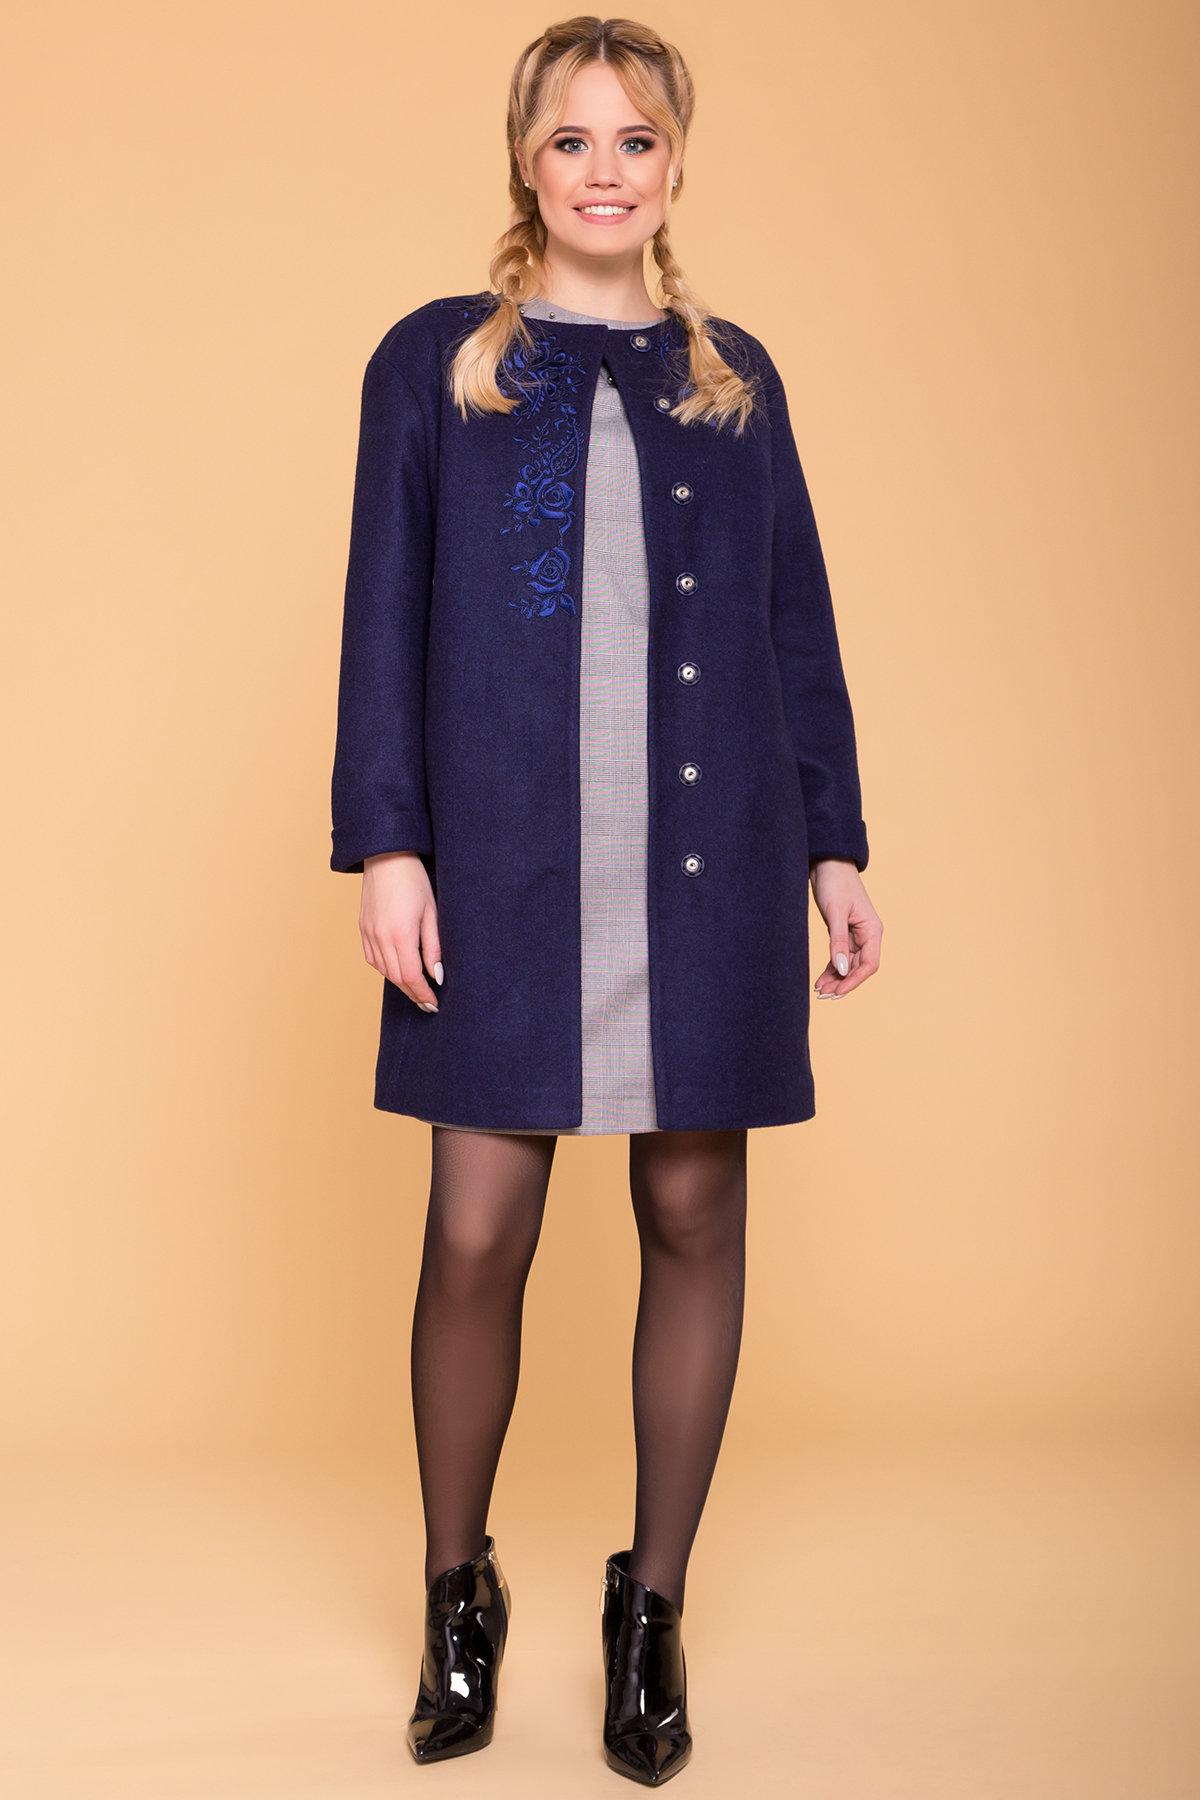 Пальто Авелони 4555 АРТ. 37022 Цвет: Темно-синий 17 - фото 3, интернет магазин tm-modus.ru